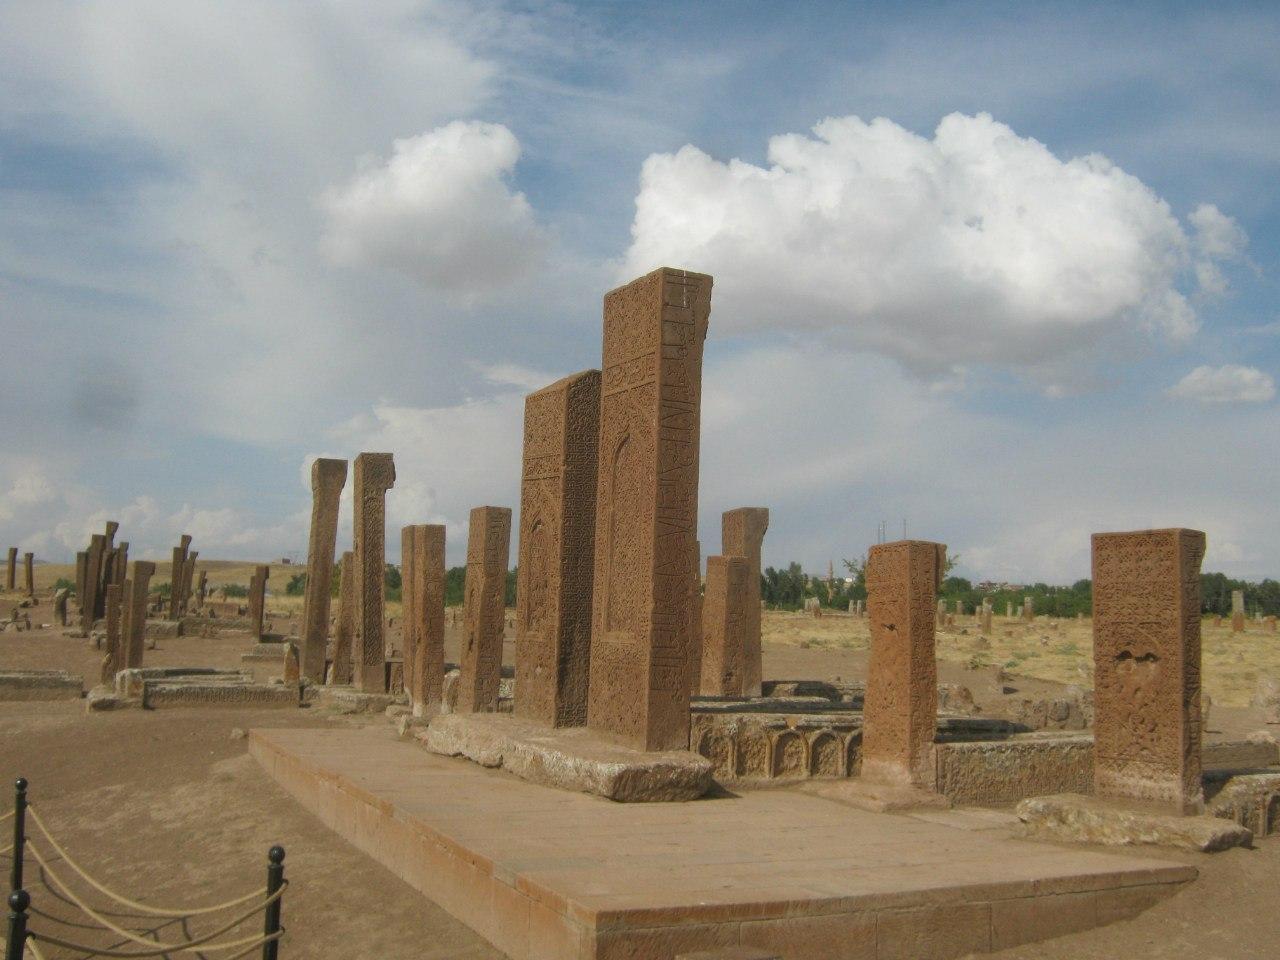 древнее мусульманское кладбище в Ахлате